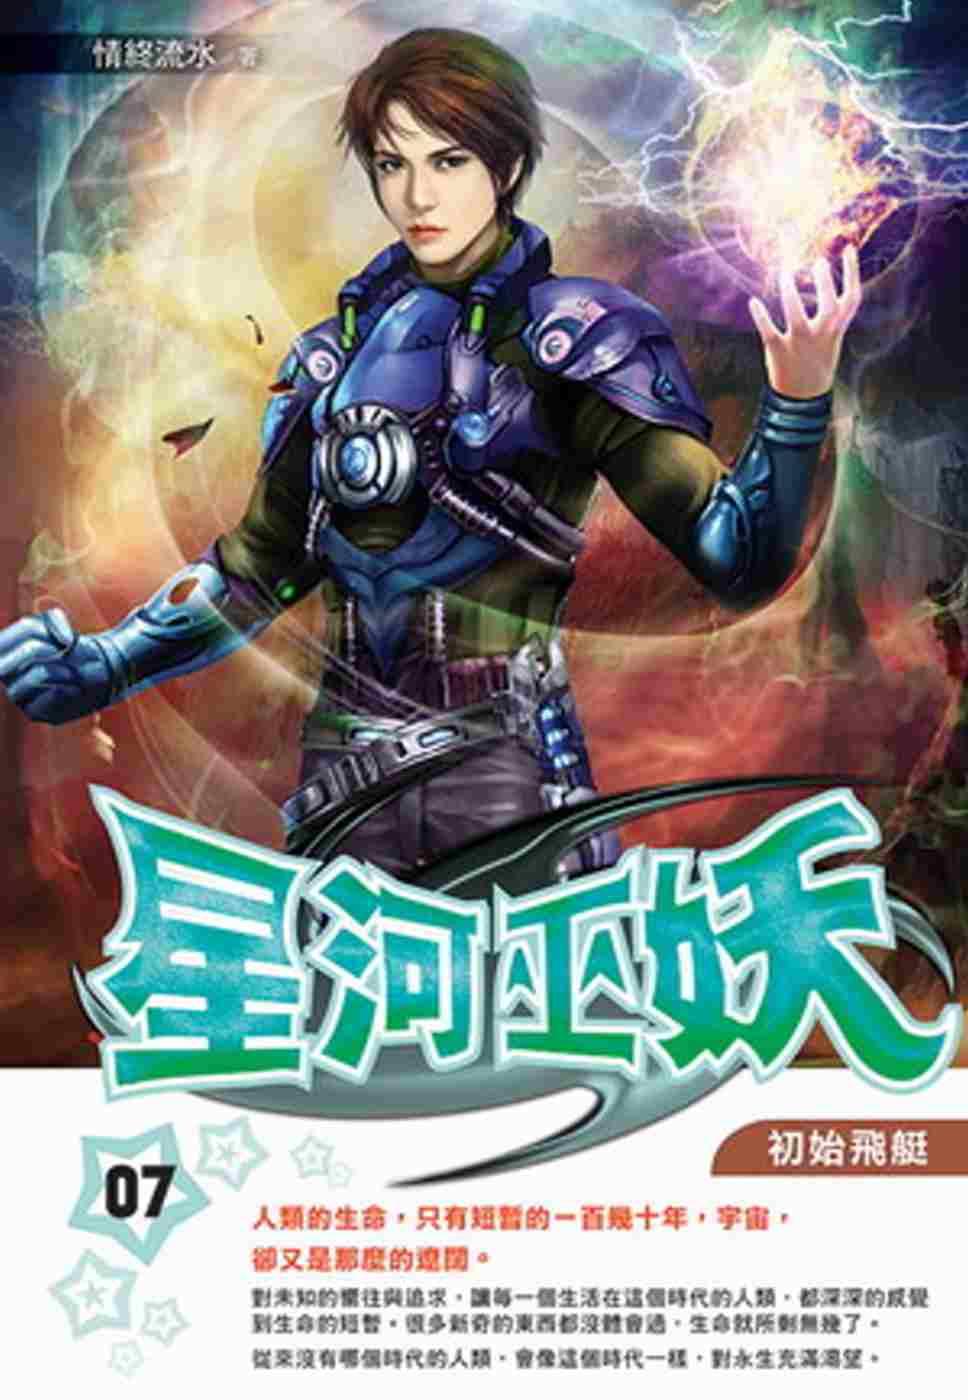 星河巫妖07